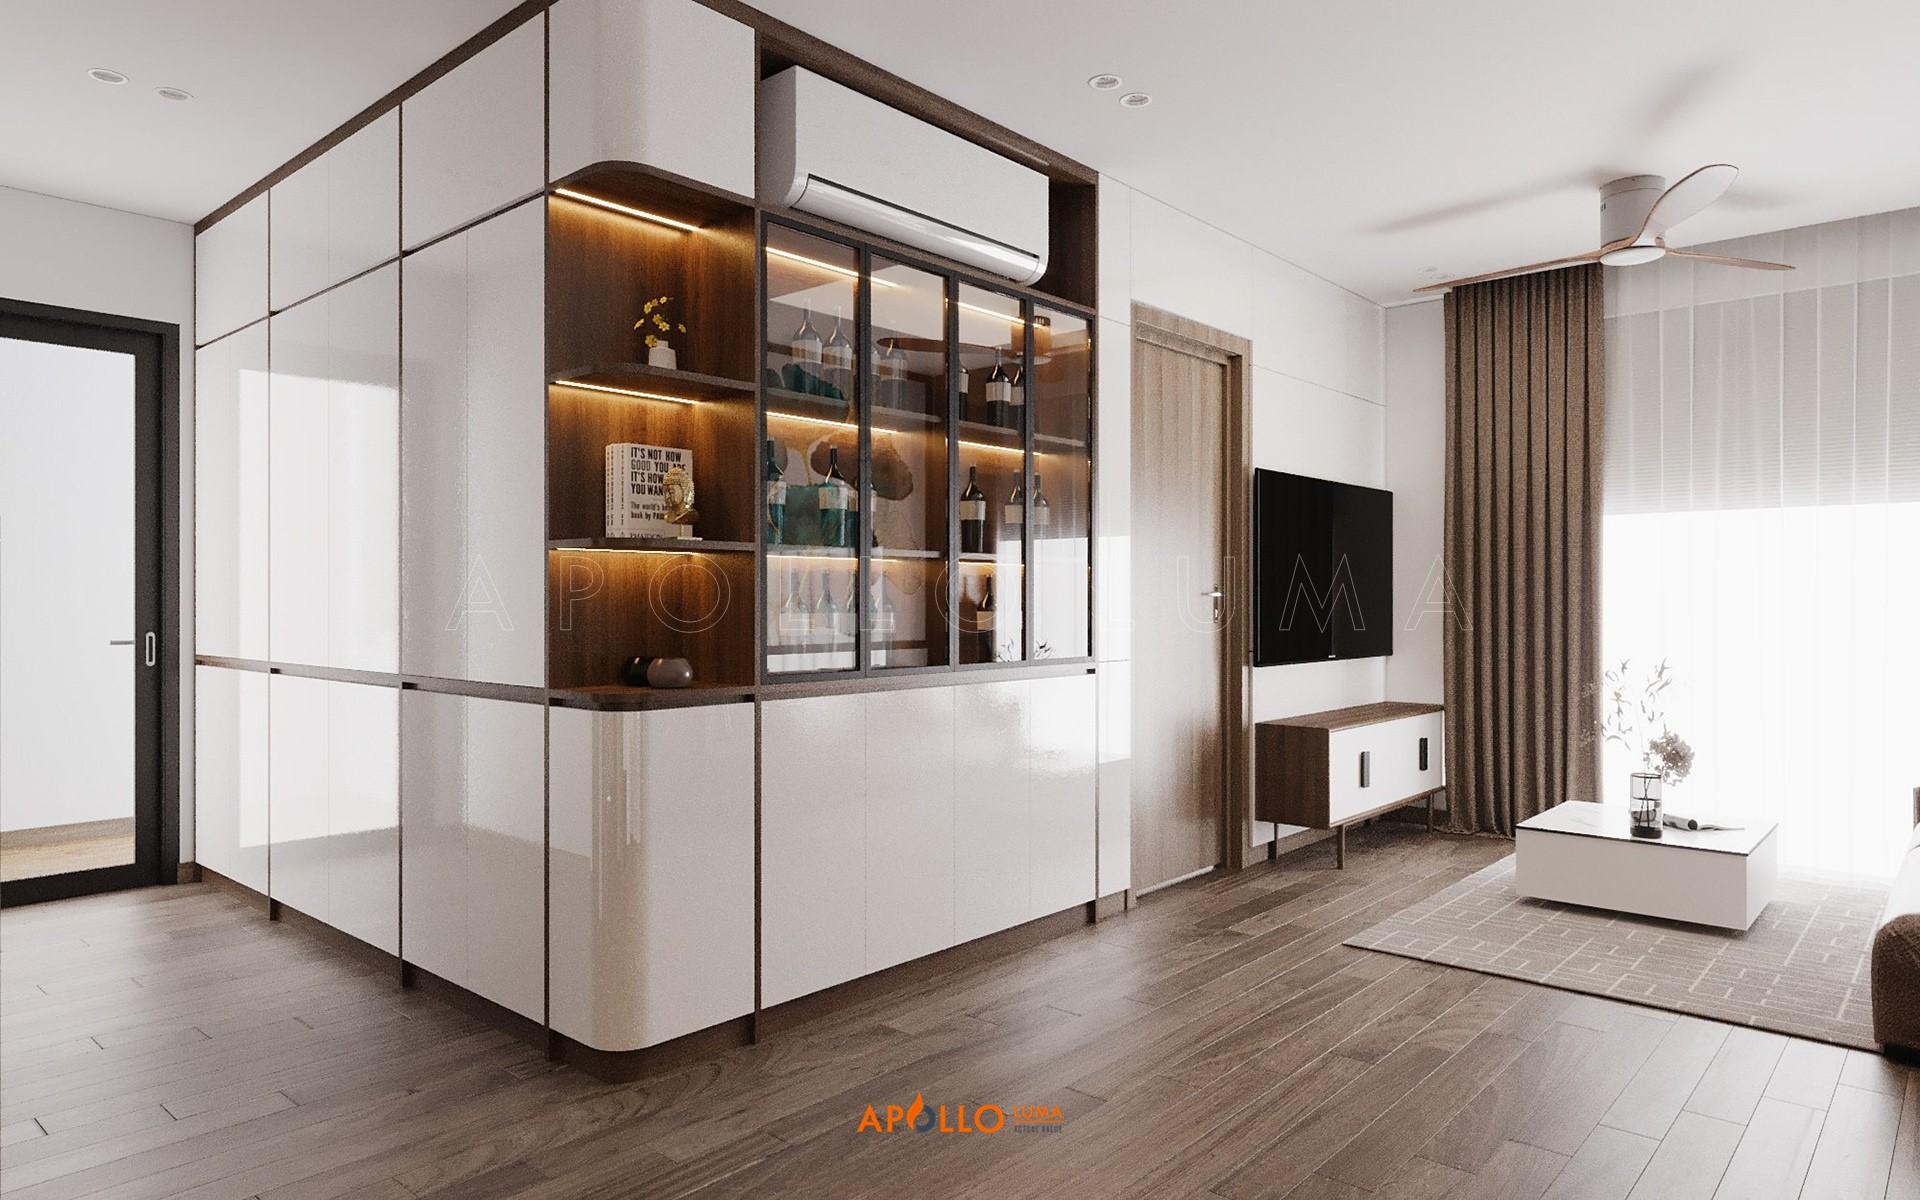 Thiết kế nội thất căn hộ 2PN+2WC (căn giữa) S1.01-15A Vinhomes Ocean Park Gia Lâm